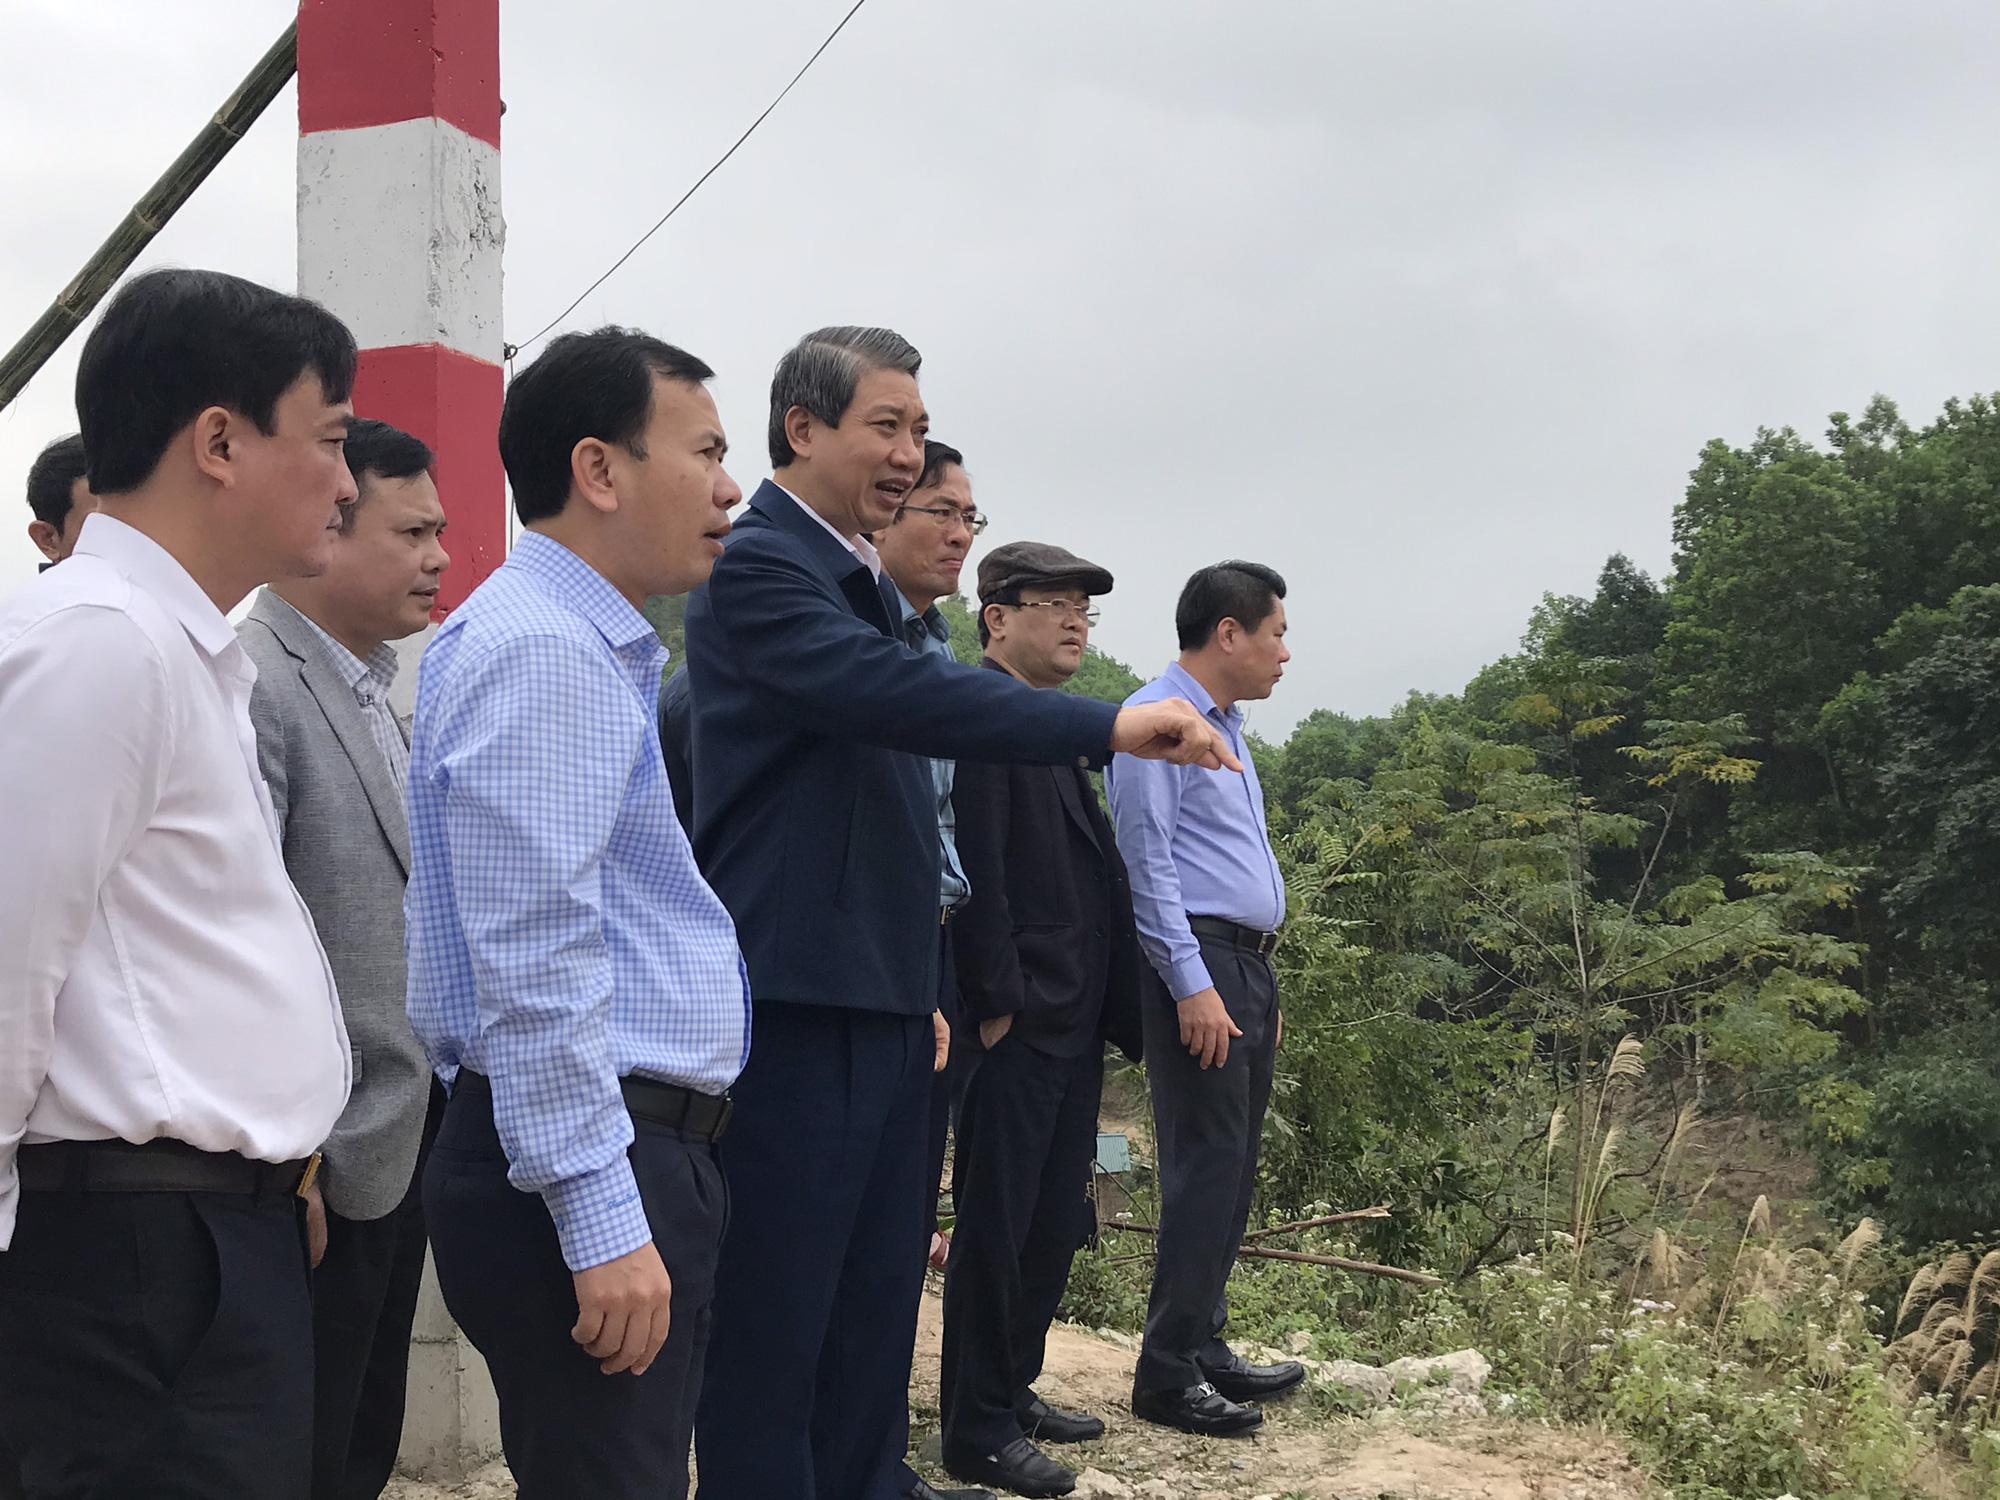 Cận cảnh sự cố vỡ kênh Bắc sông Chu - Nam sông Mã ở Thanh Hóa - Ảnh 7.